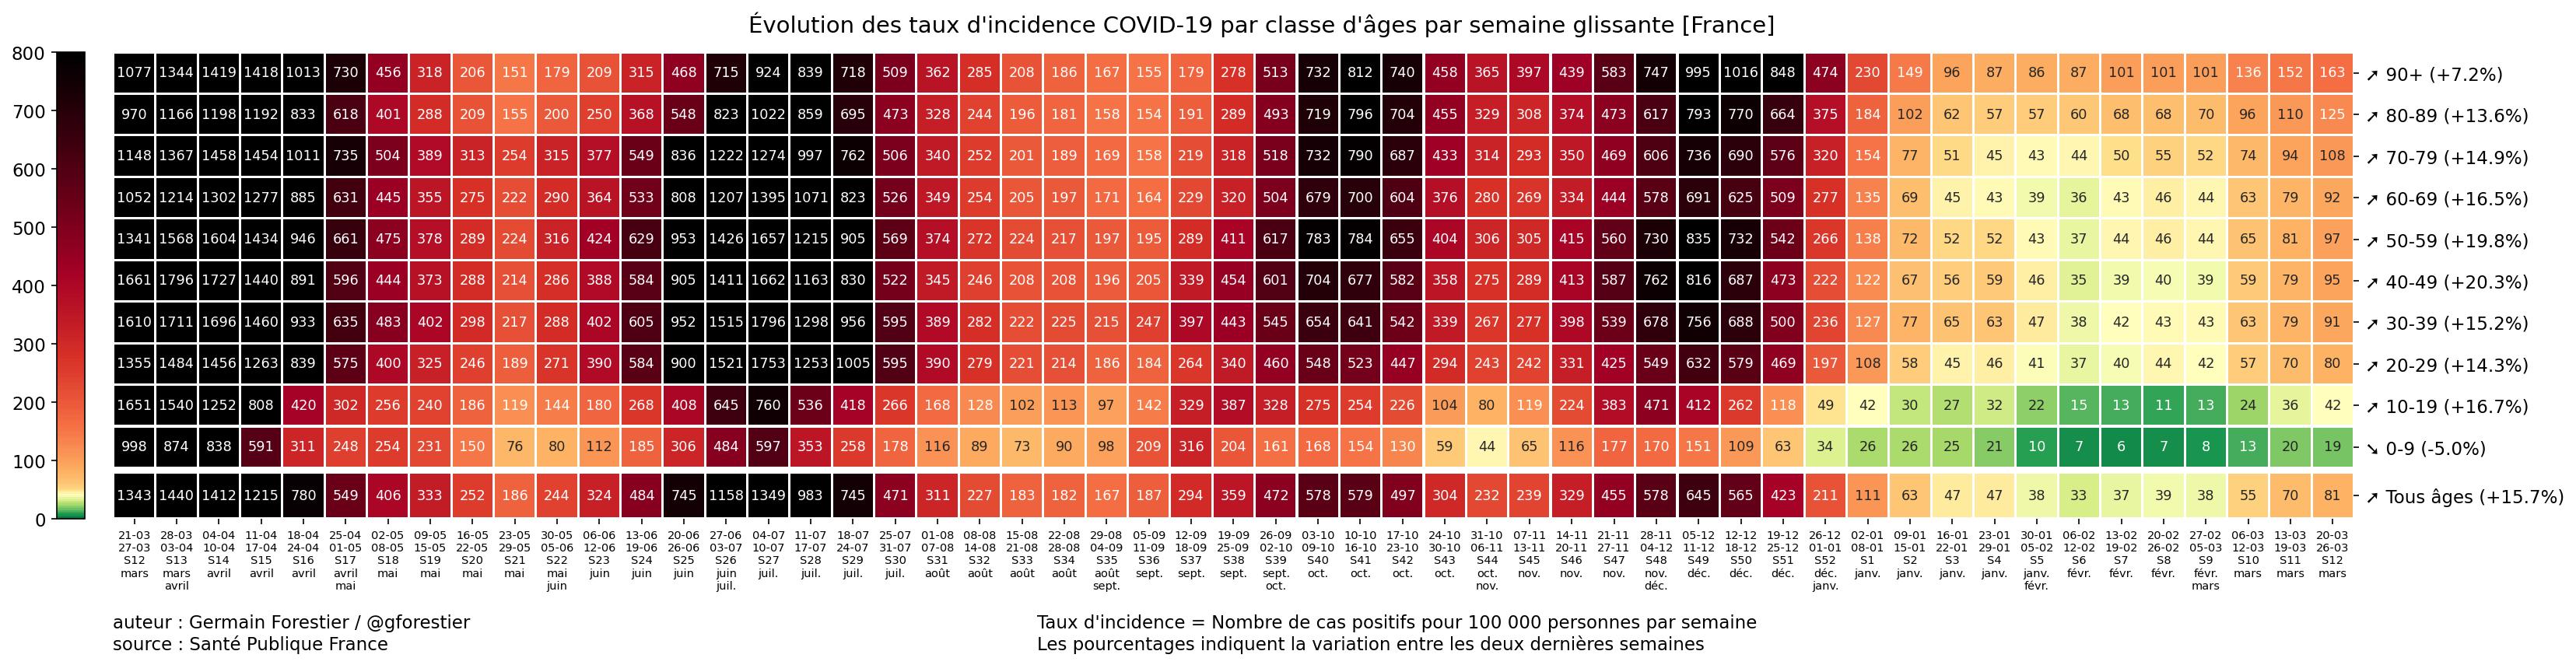 Le coronavirus COVID-19 - Infos, évolution et conséquences - Page 3 France-heatmap-incid-semaine